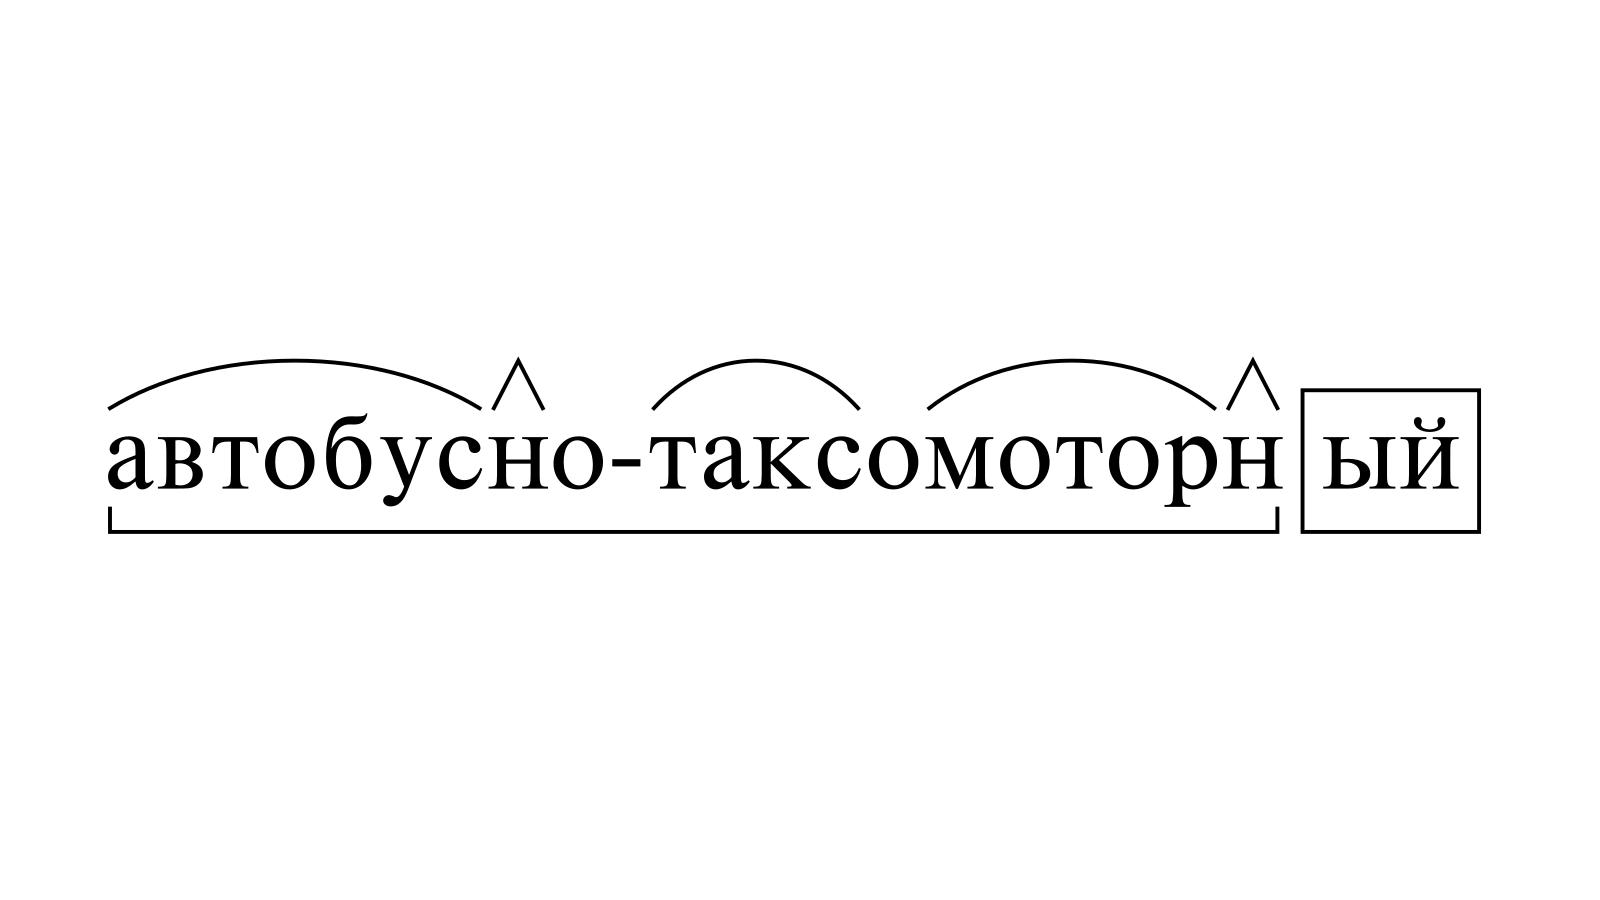 Разбор слова «автобусно-таксомоторный» по составу